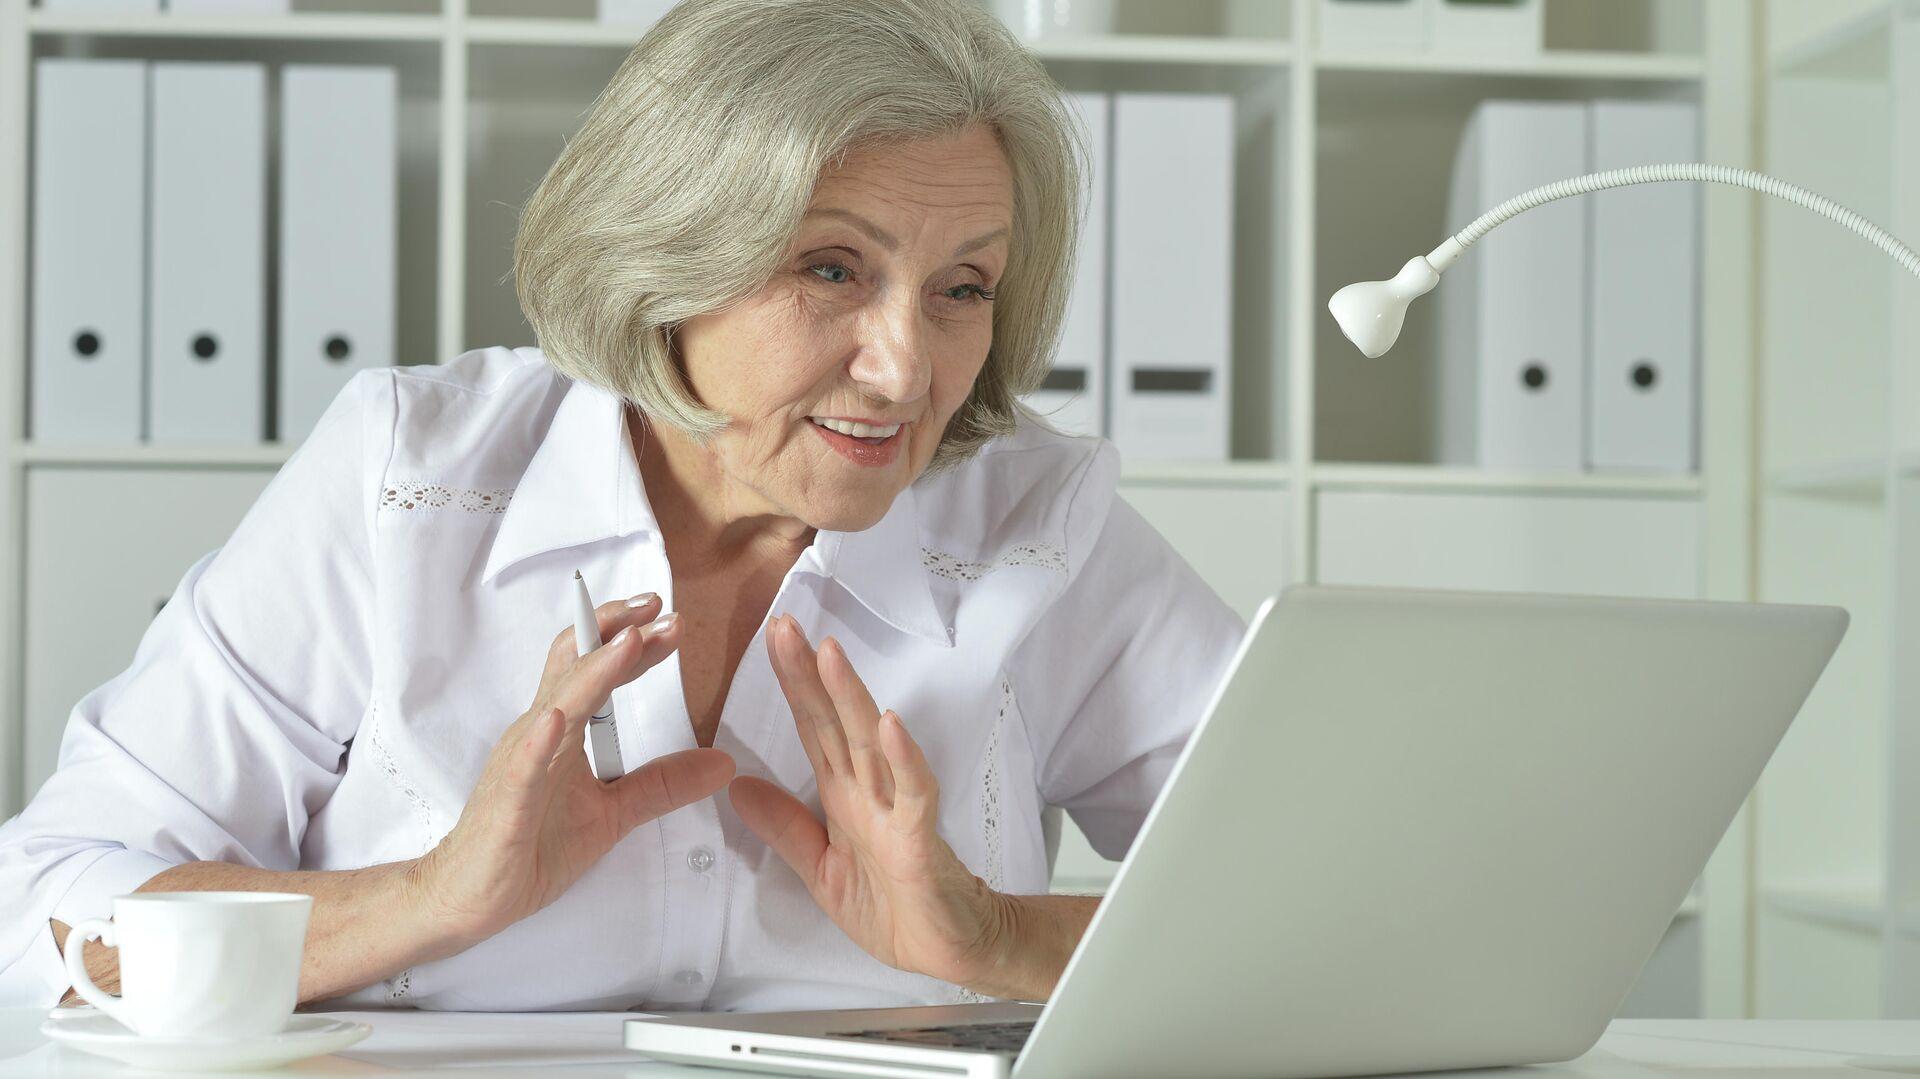 Пожилая женщина работает на ноутбуке - РИА Новости, 1920, 20.01.2021